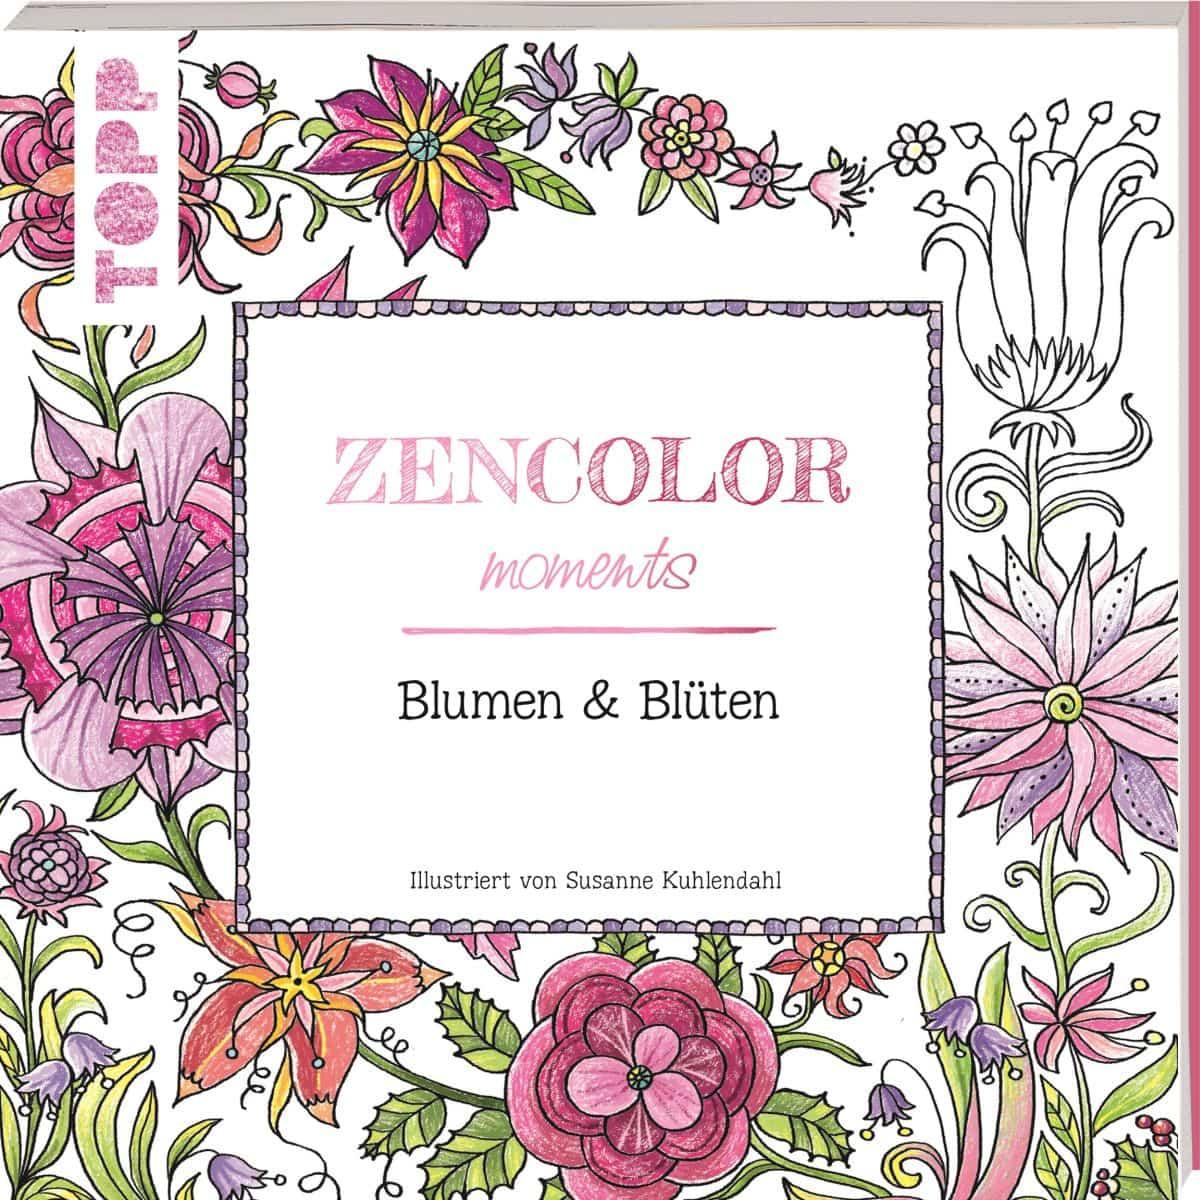 zencolor moments blumen bl ten g nstig online kaufen. Black Bedroom Furniture Sets. Home Design Ideas